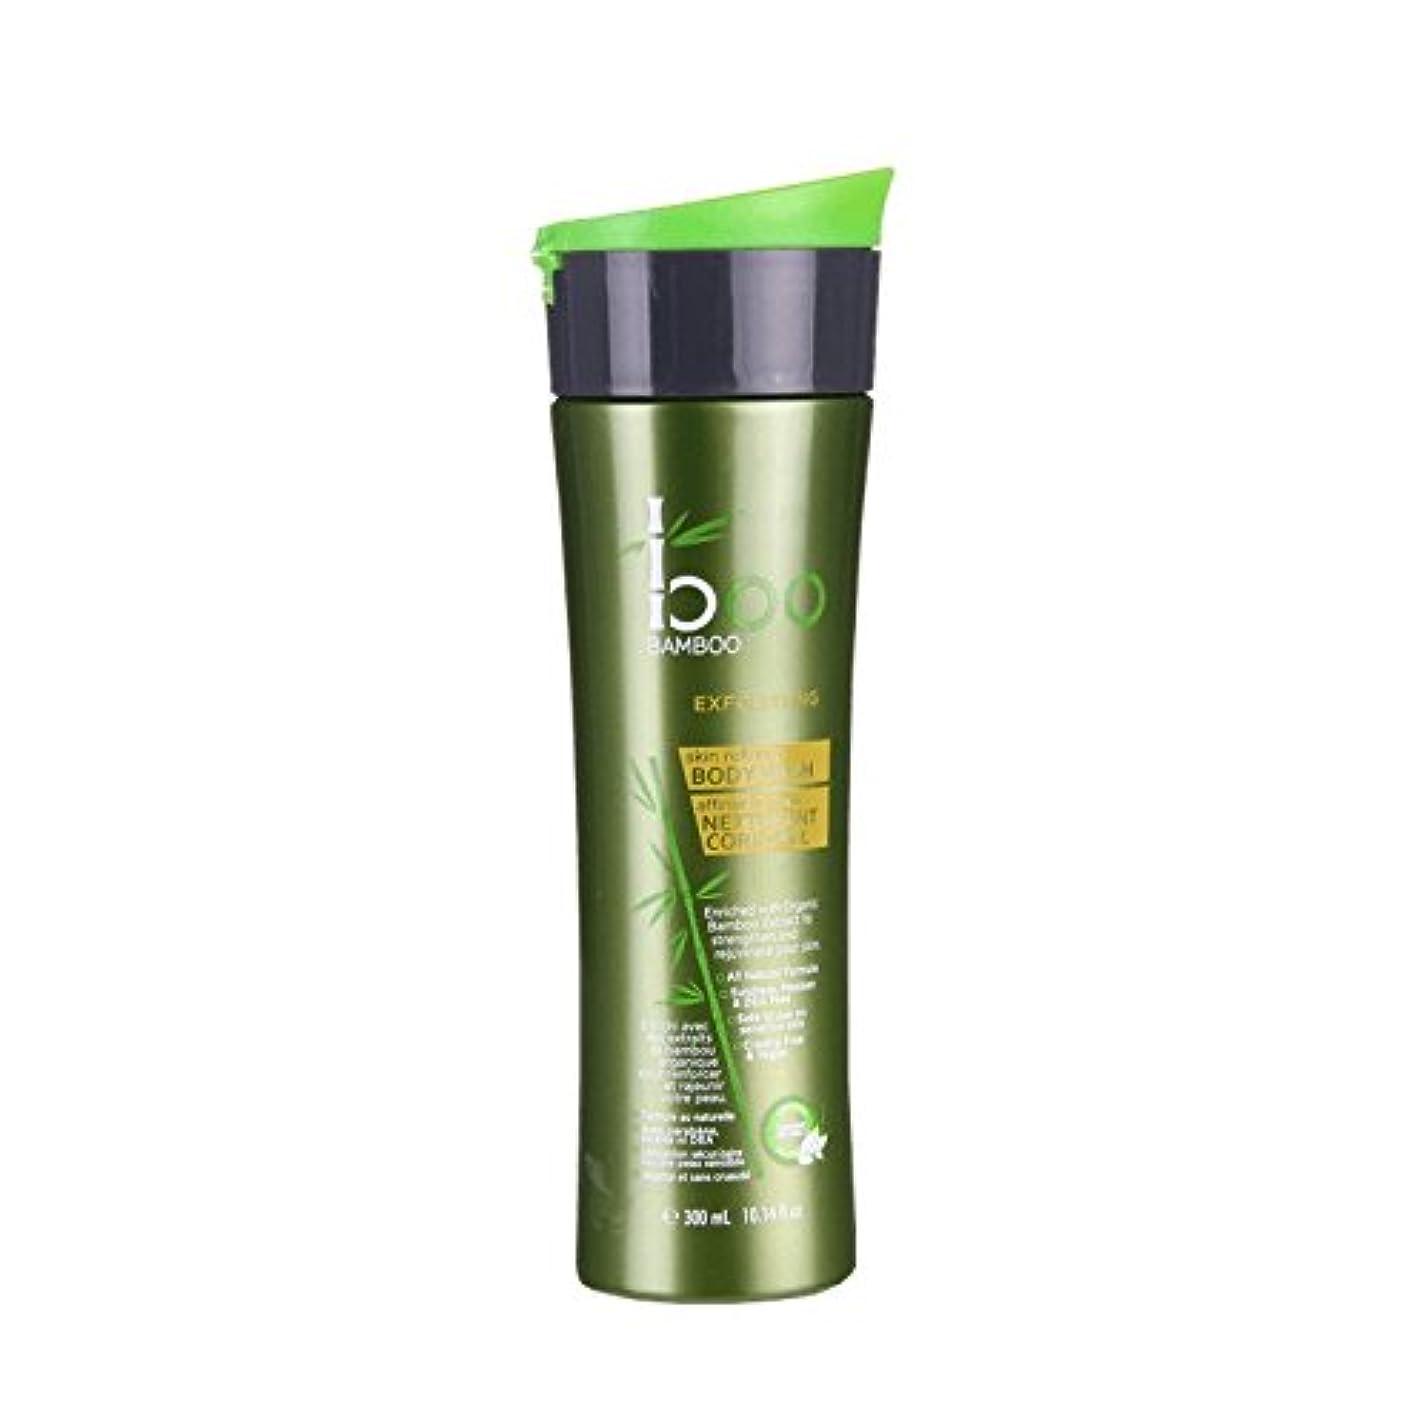 最終的に知的郵便物Boo Bamboo Exfoliating Body Wash 300ml (Pack of 6) - 竹ピーリングボディウォッシュ300ミリリットルブーイング (x6) [並行輸入品]